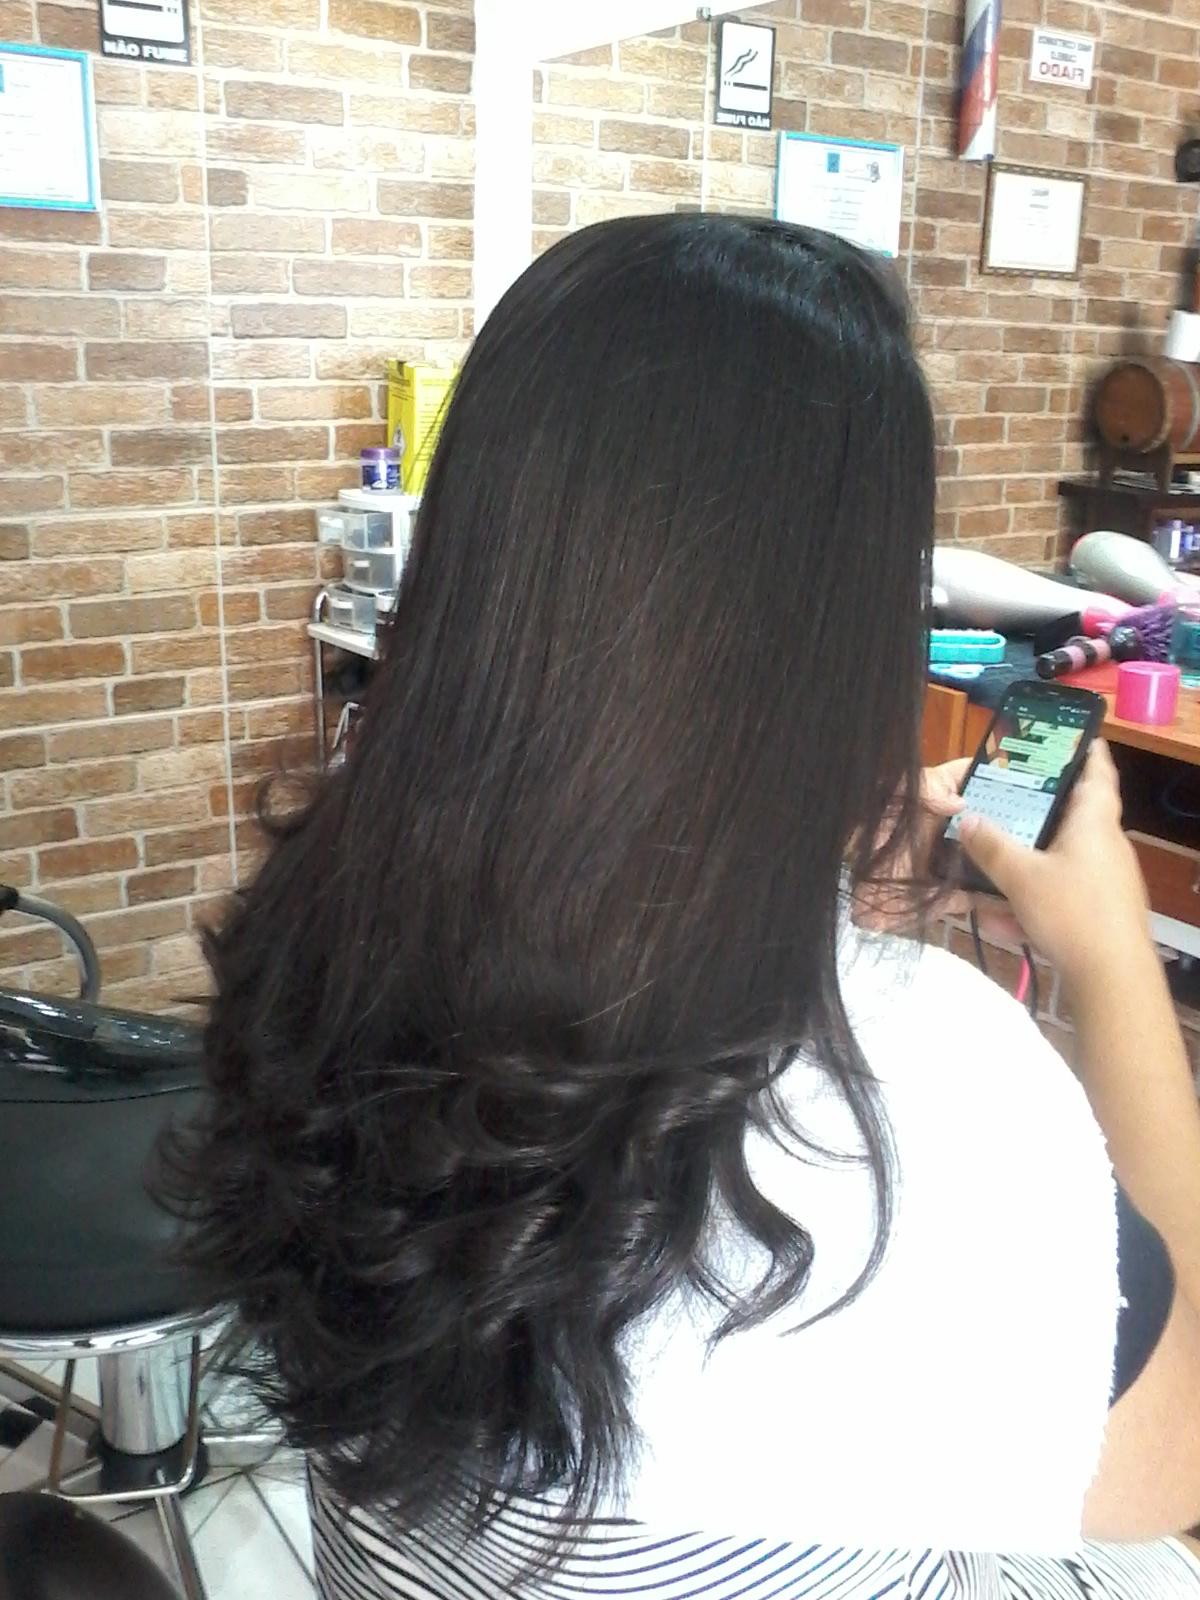 Esse trabalho foi feito por mim, porém ainda estou cursando o curso de cabeleireiro ETC...  outros auxiliar cabeleireiro(a)